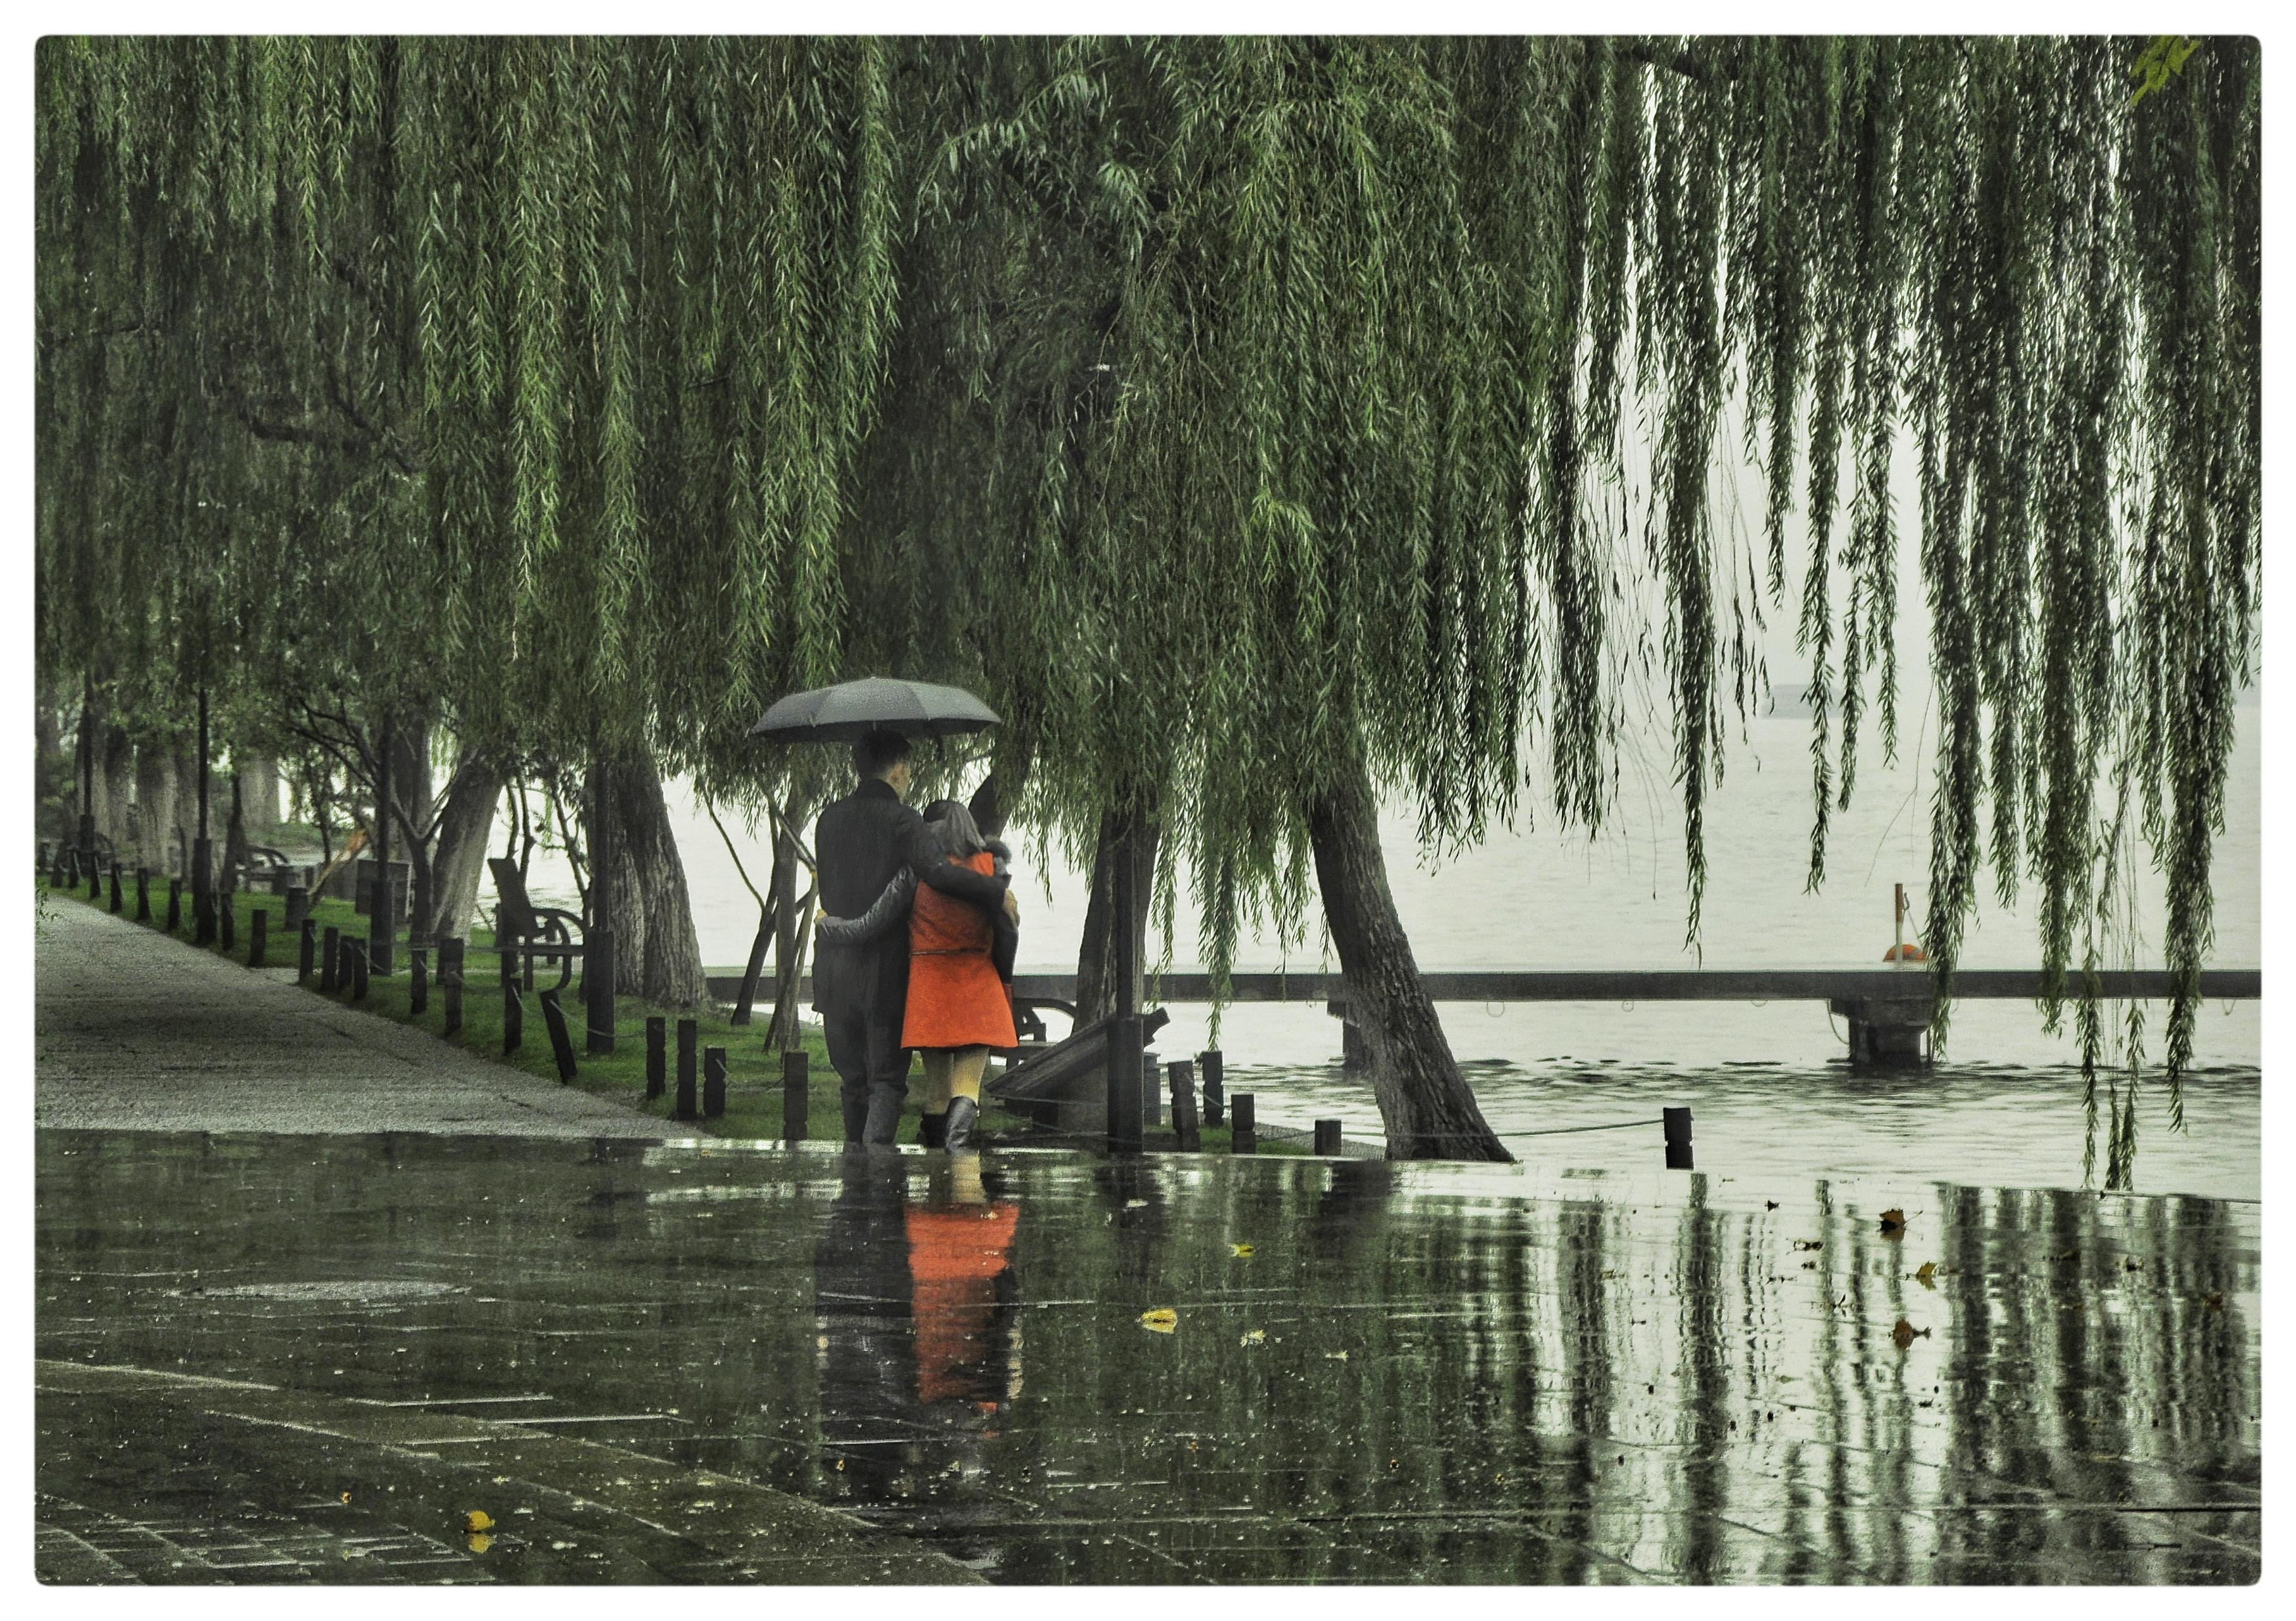 北京-谢天瑞 《雨中情》 Nikon.jpg